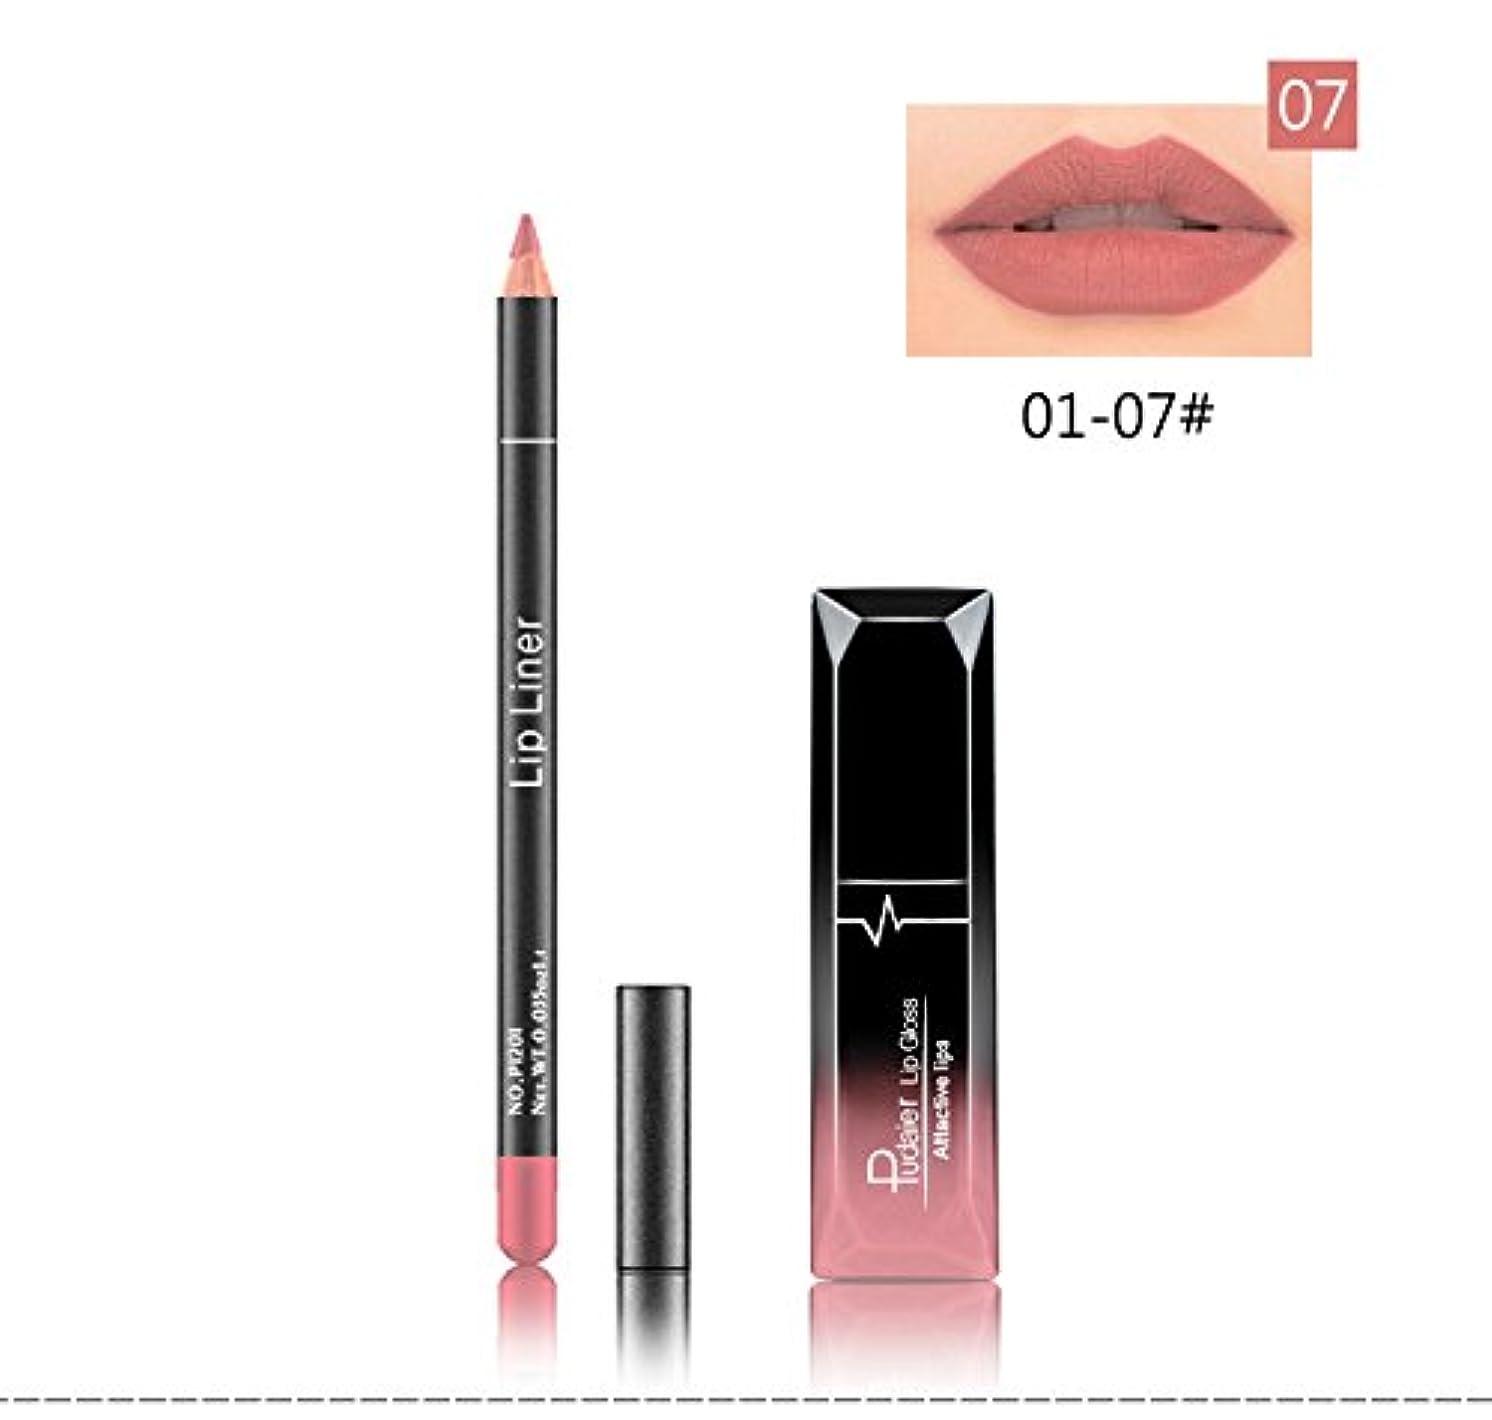 アミューズメント先史時代のブラウズ(07) Pudaier 1pc Matte Liquid Lipstick Cosmetic Lip Kit+ 1 Pc Nude Lip Liner Pencil MakeUp Set Waterproof Long Lasting Lipstick Gfit